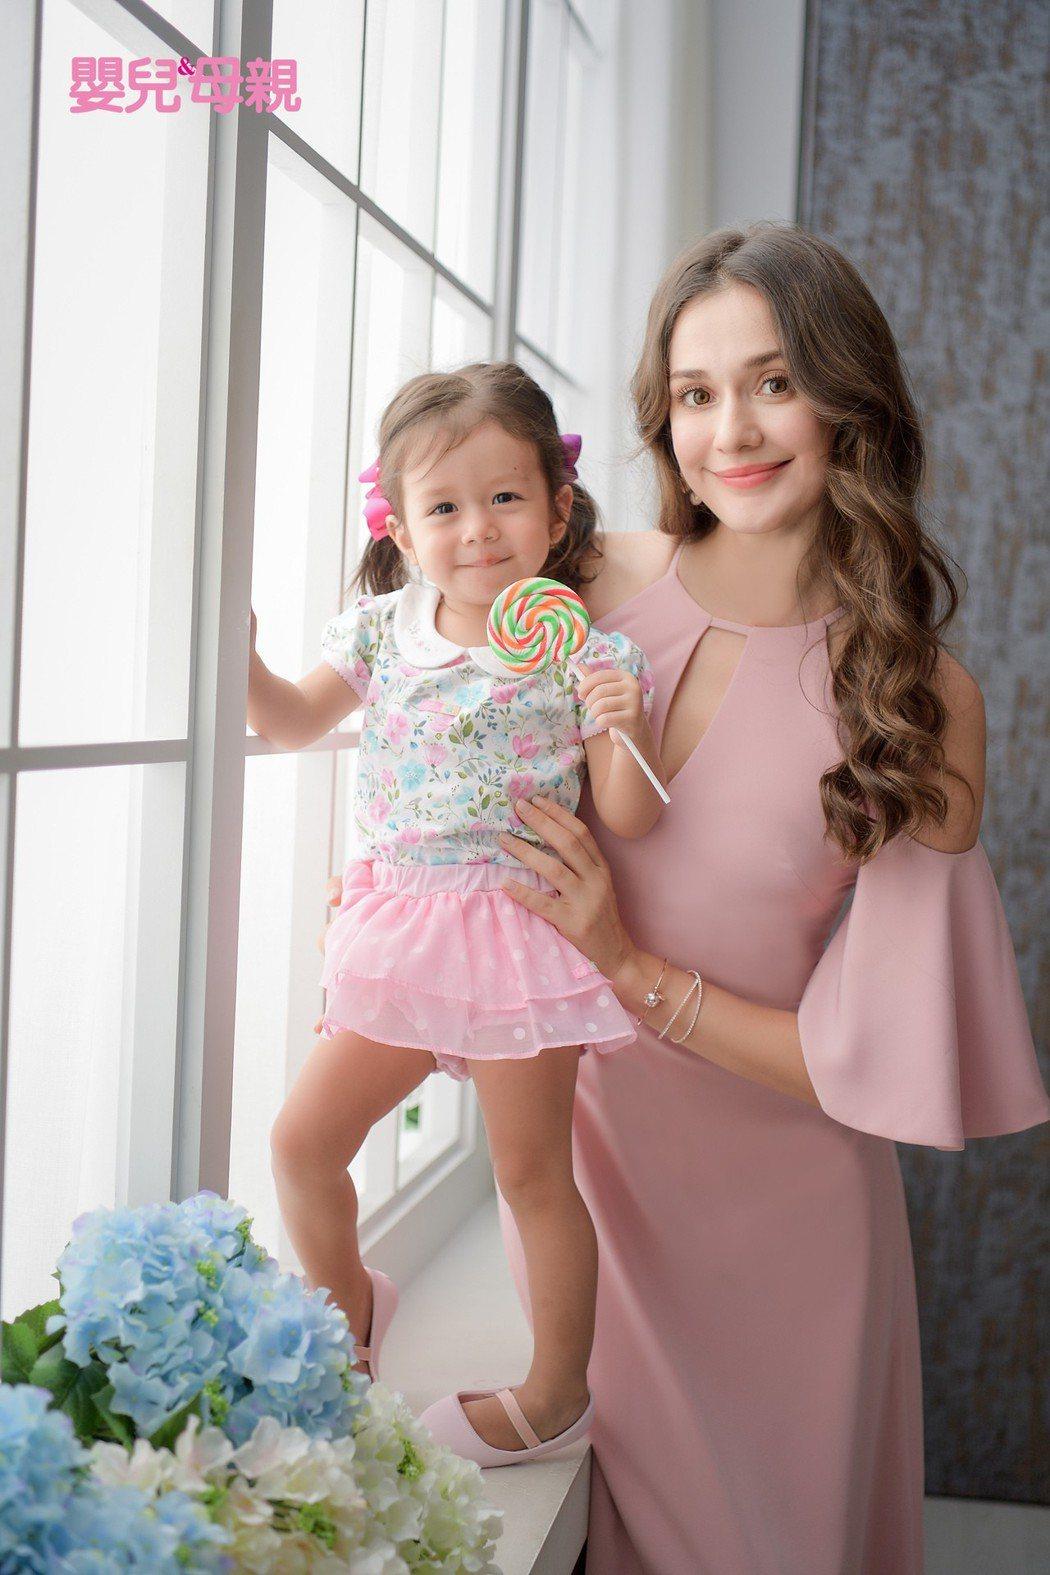 瑞莎與女兒Nika母女裝拍攝雜誌。圖/嬰兒與母親提供